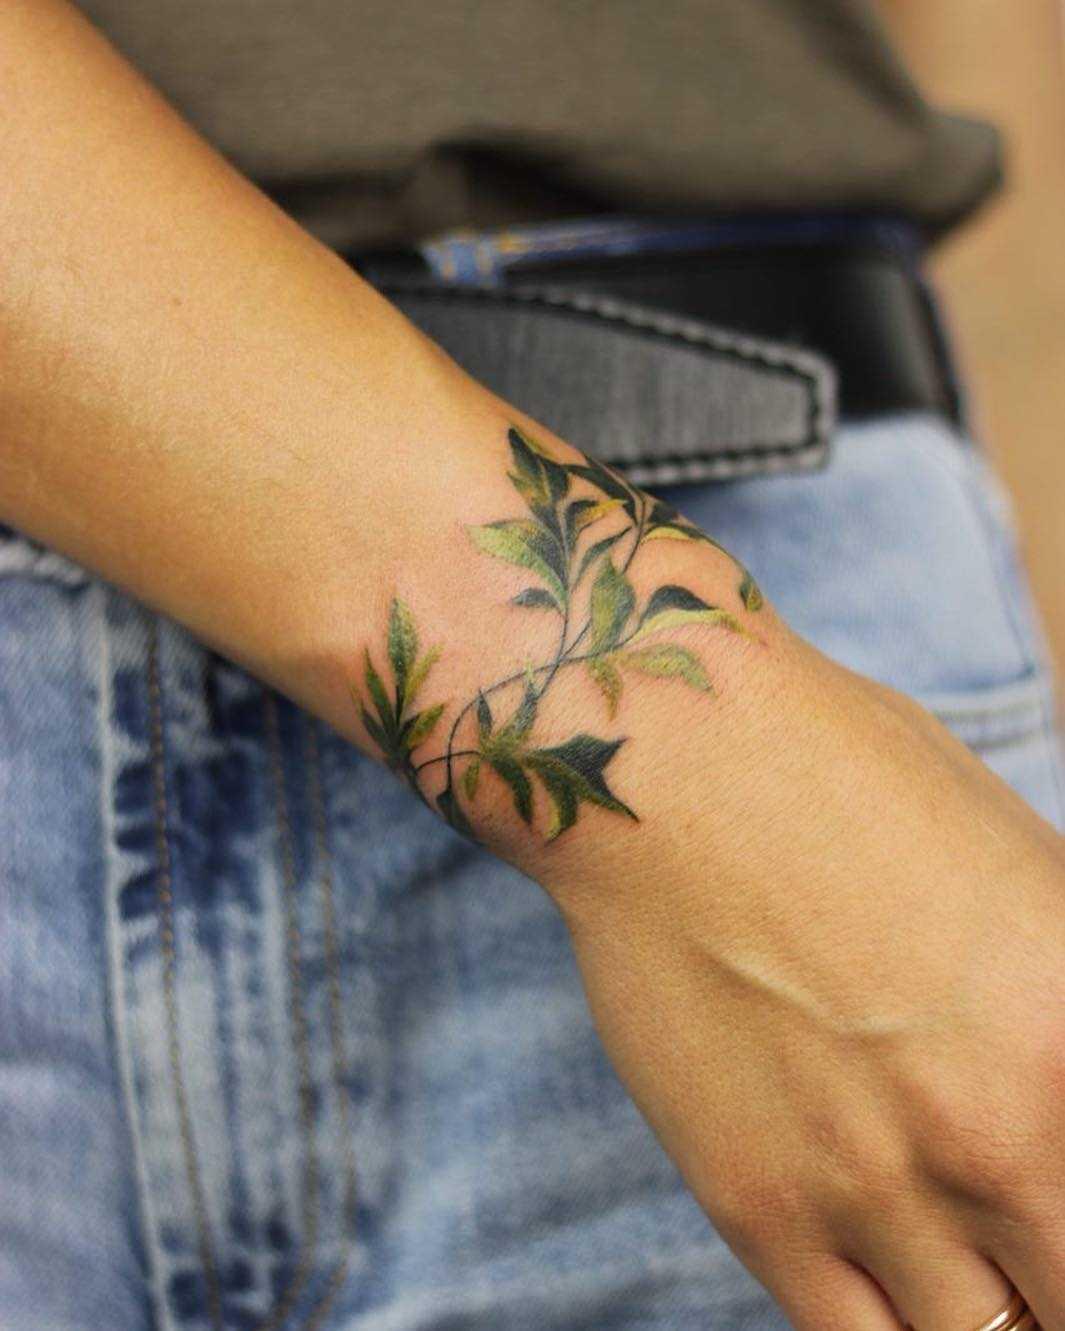 Cover up greenery tattoo by Mavka Leesova